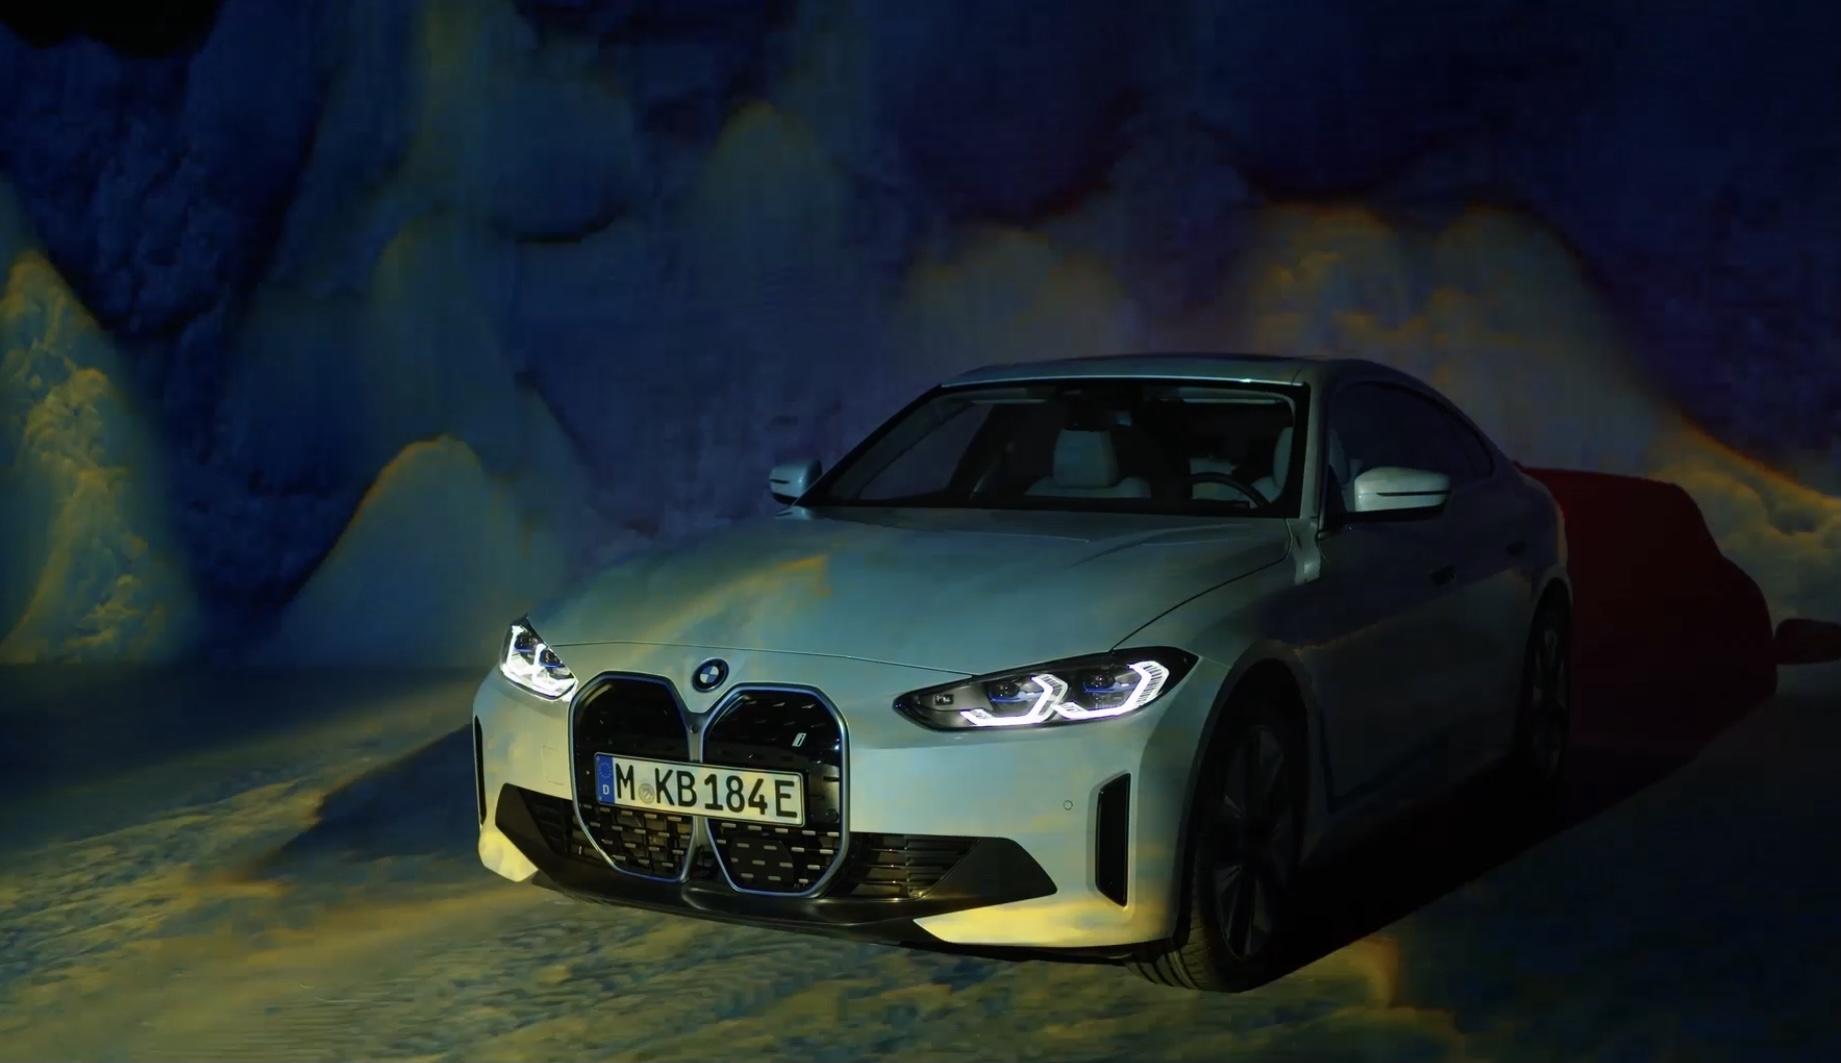 宝马研发新一代电动车固态电池技术 2030年量产